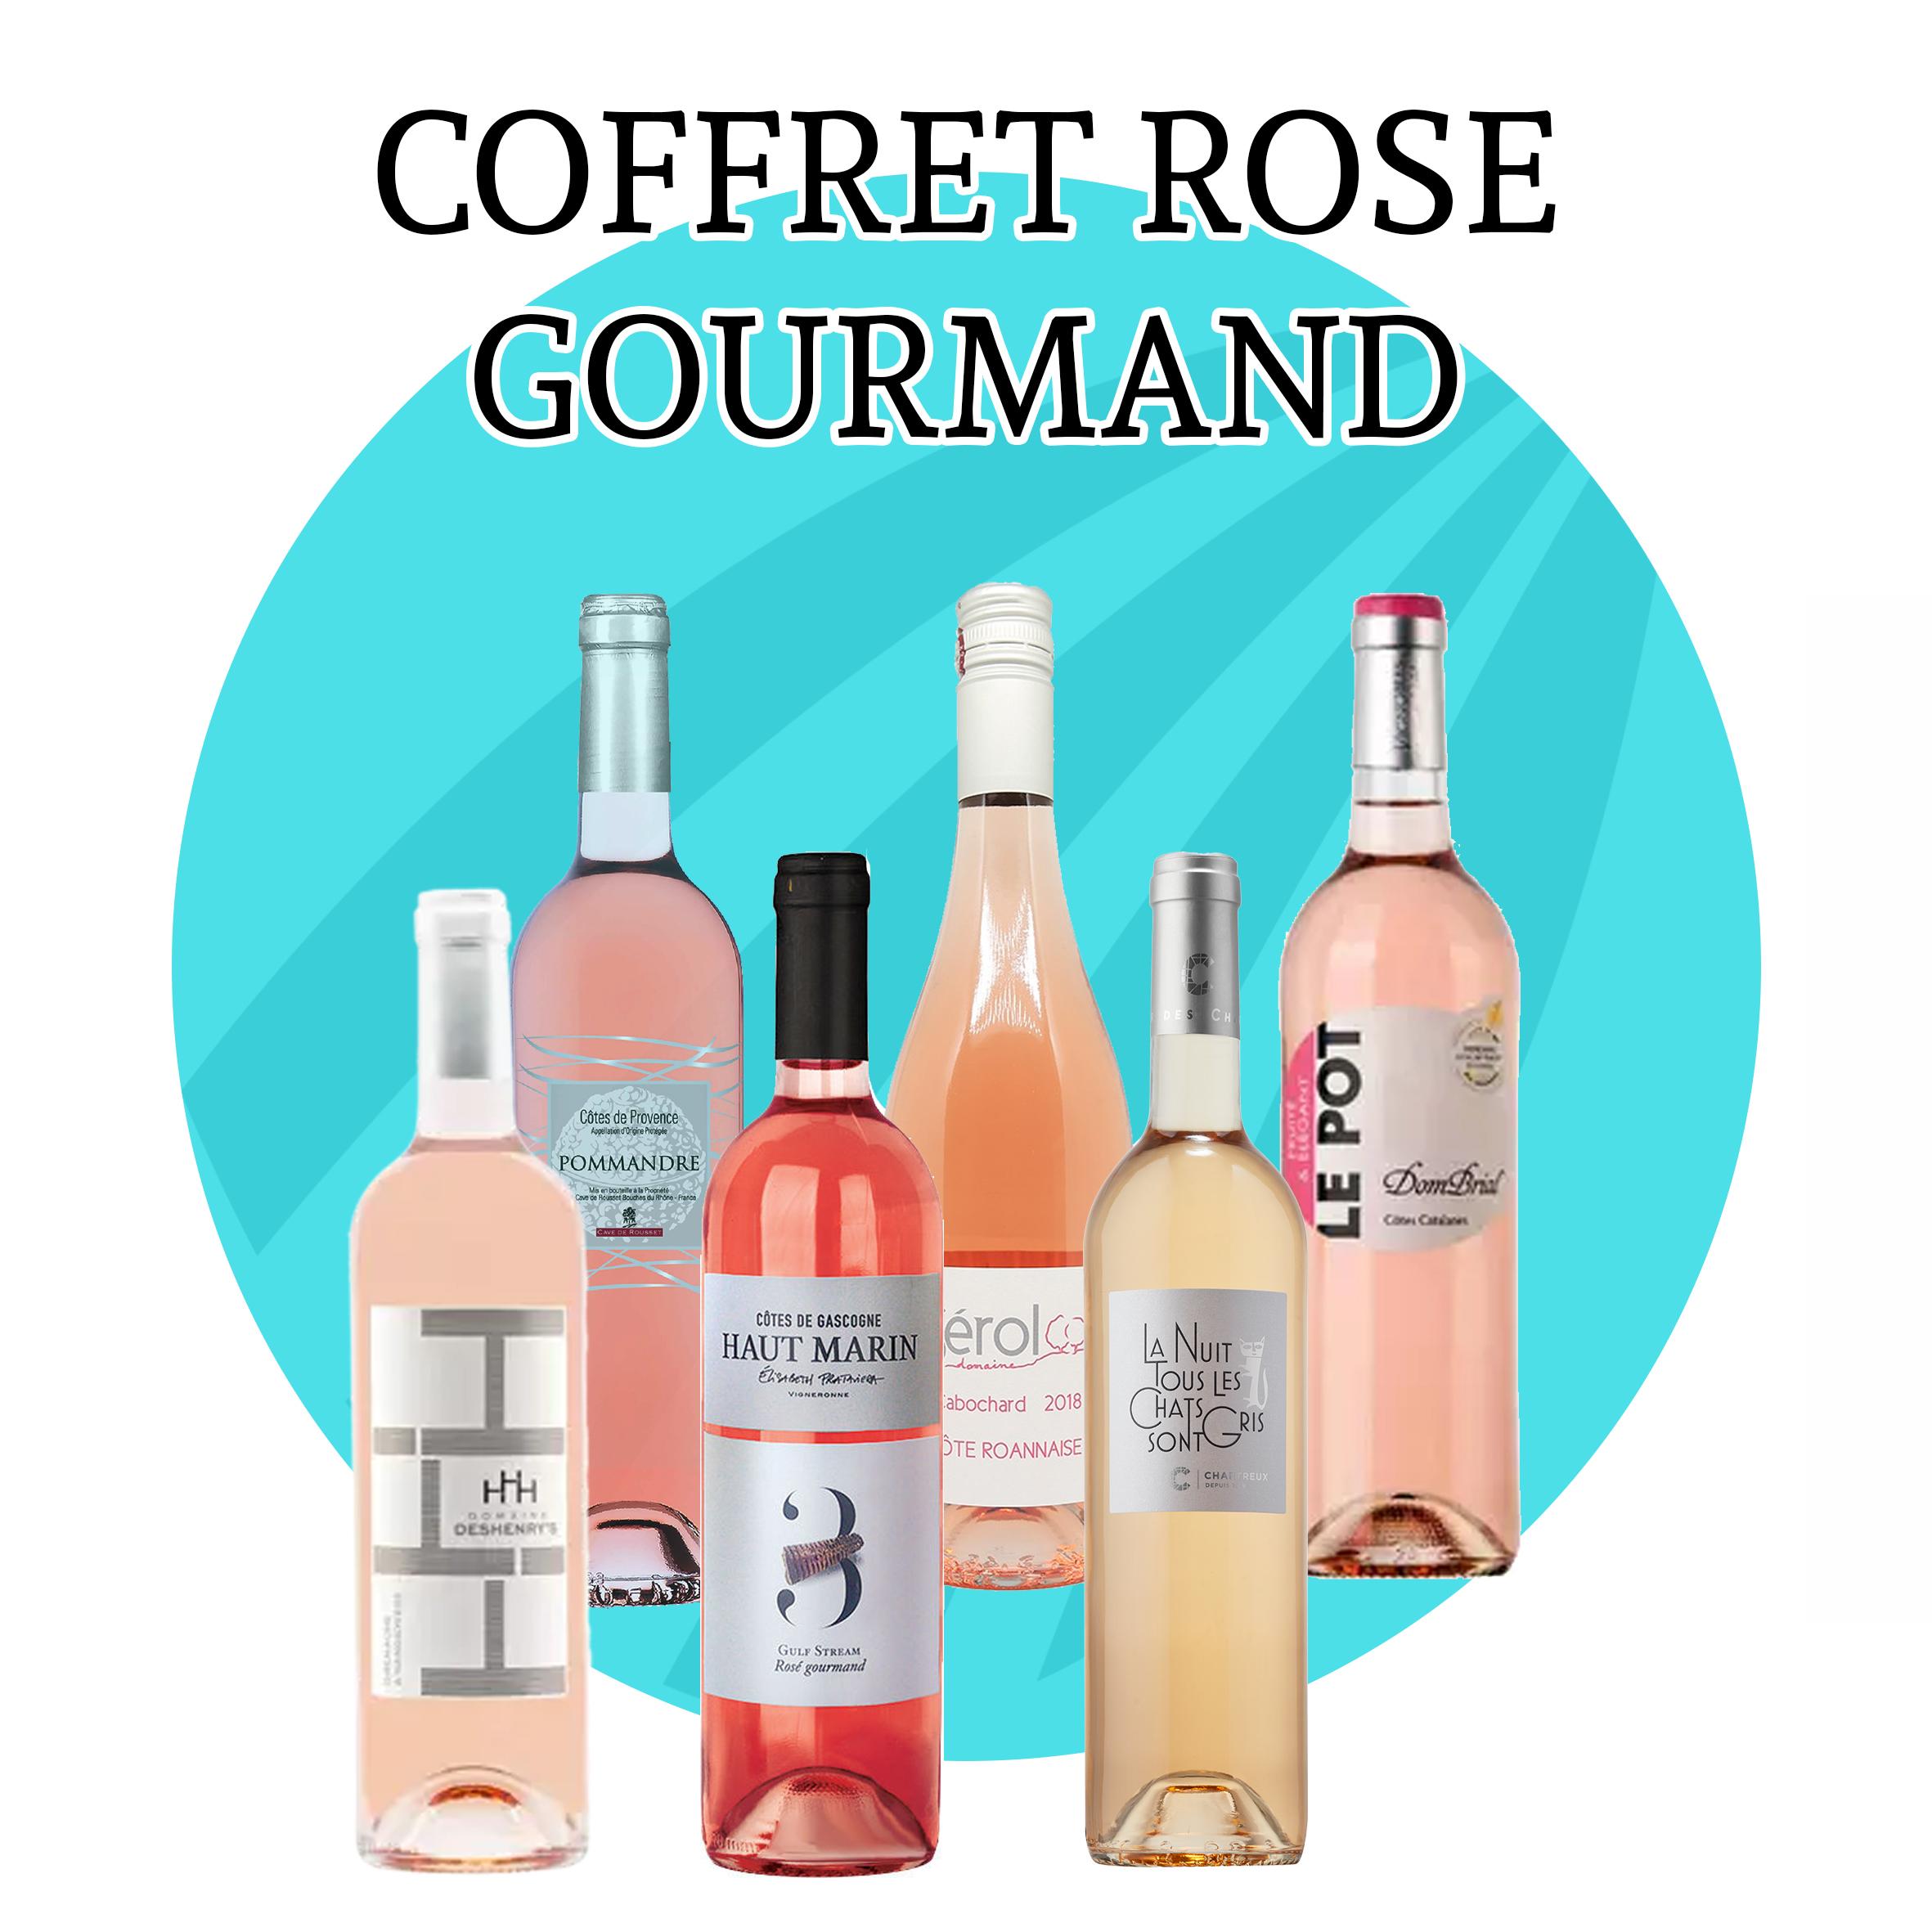 Coffret Rosé Gourmand - 6 bouteilles